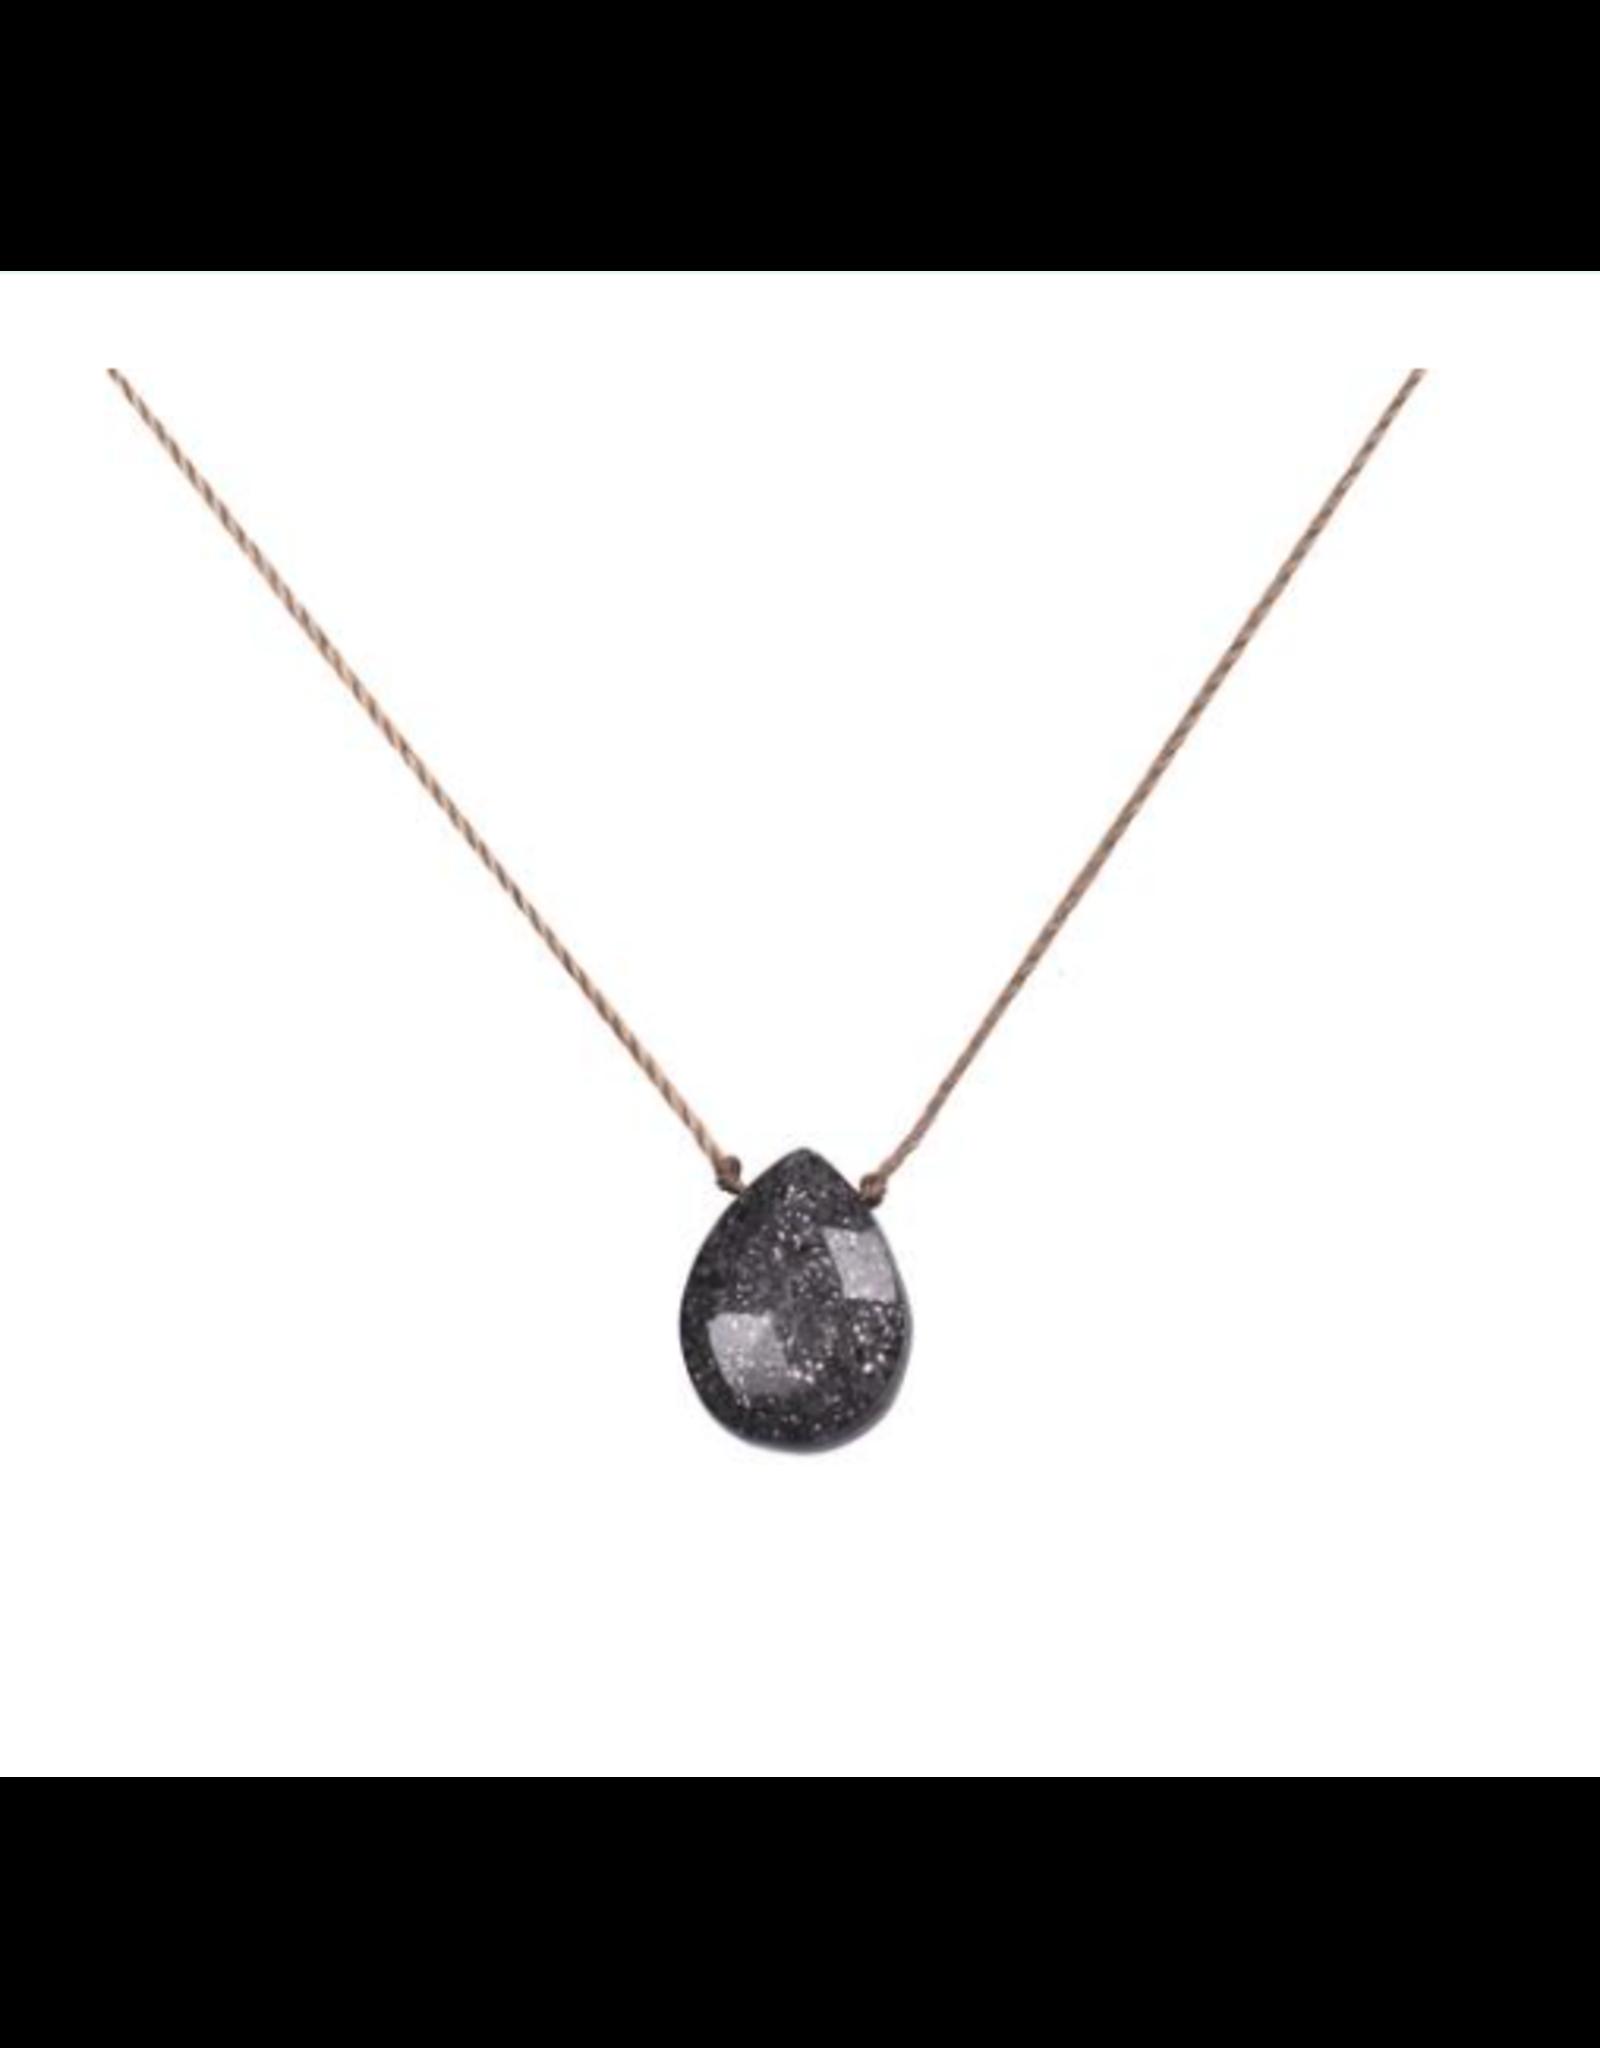 Black Sunstone Teardrop Necklace For Self Healing - SoulKu